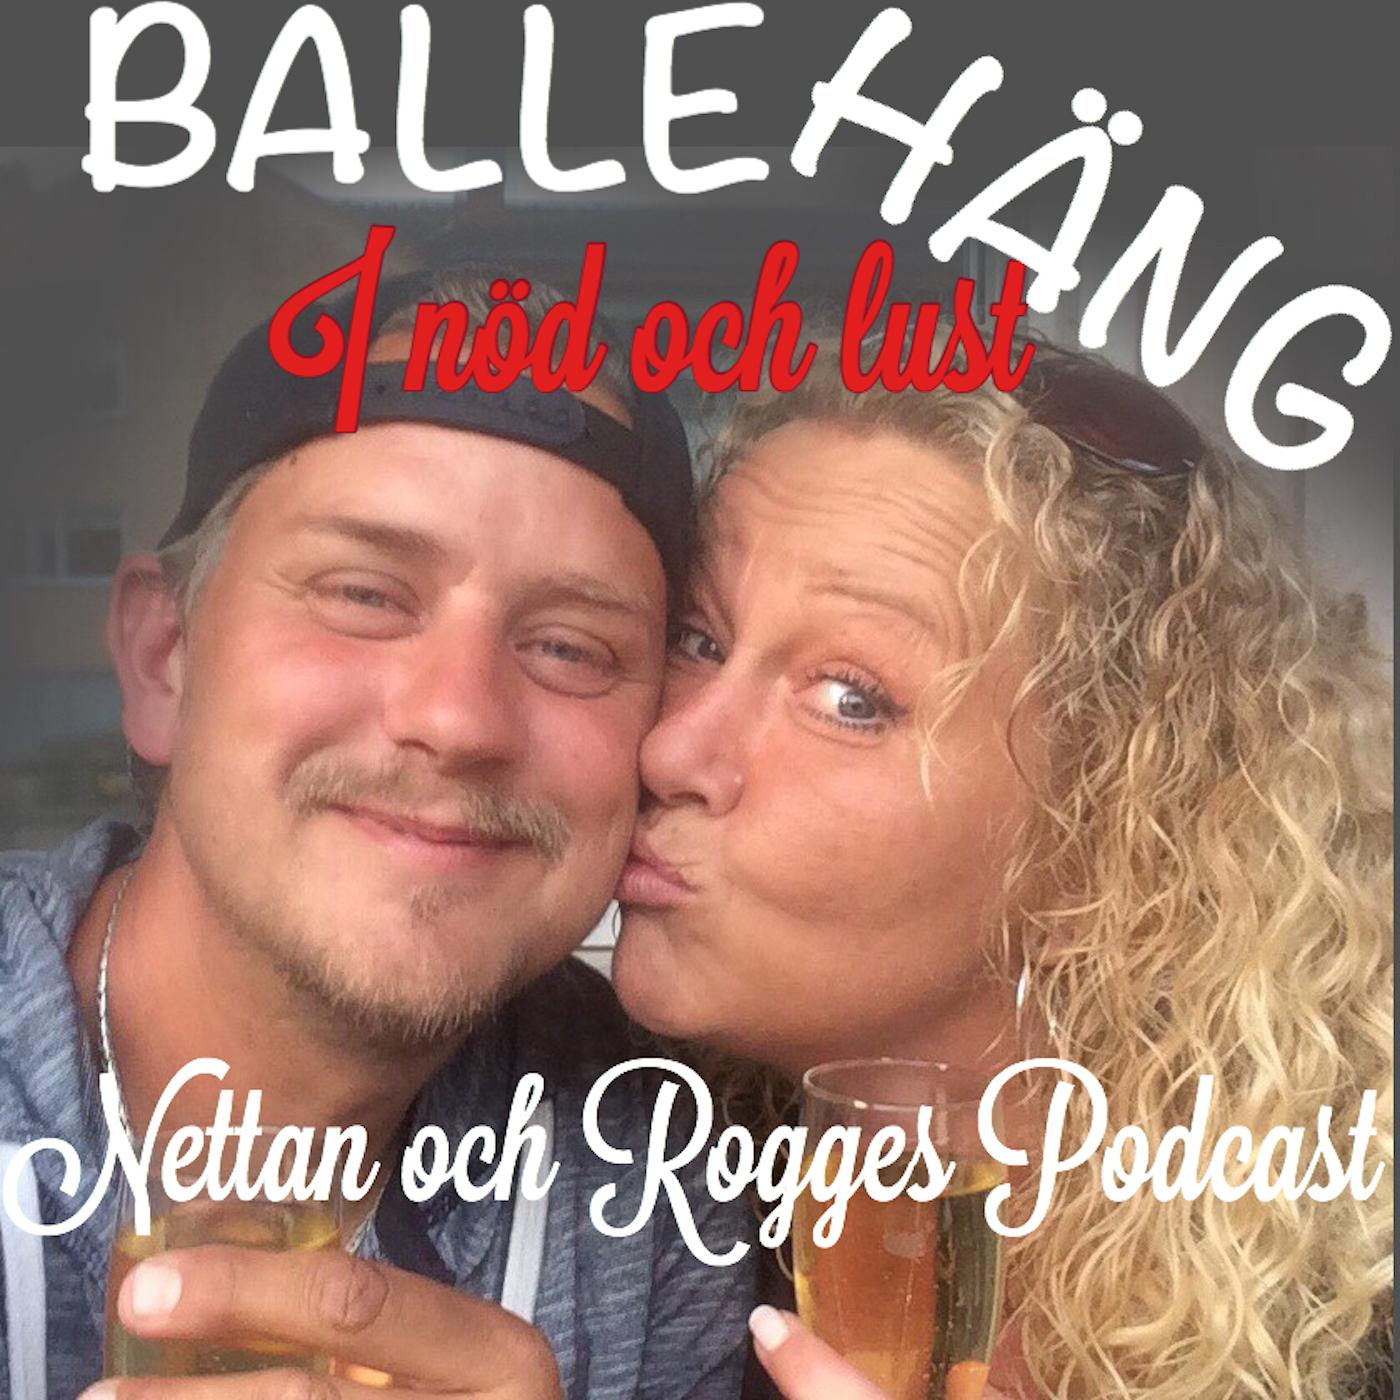 Ballehäng 'I nöd och lust' show art